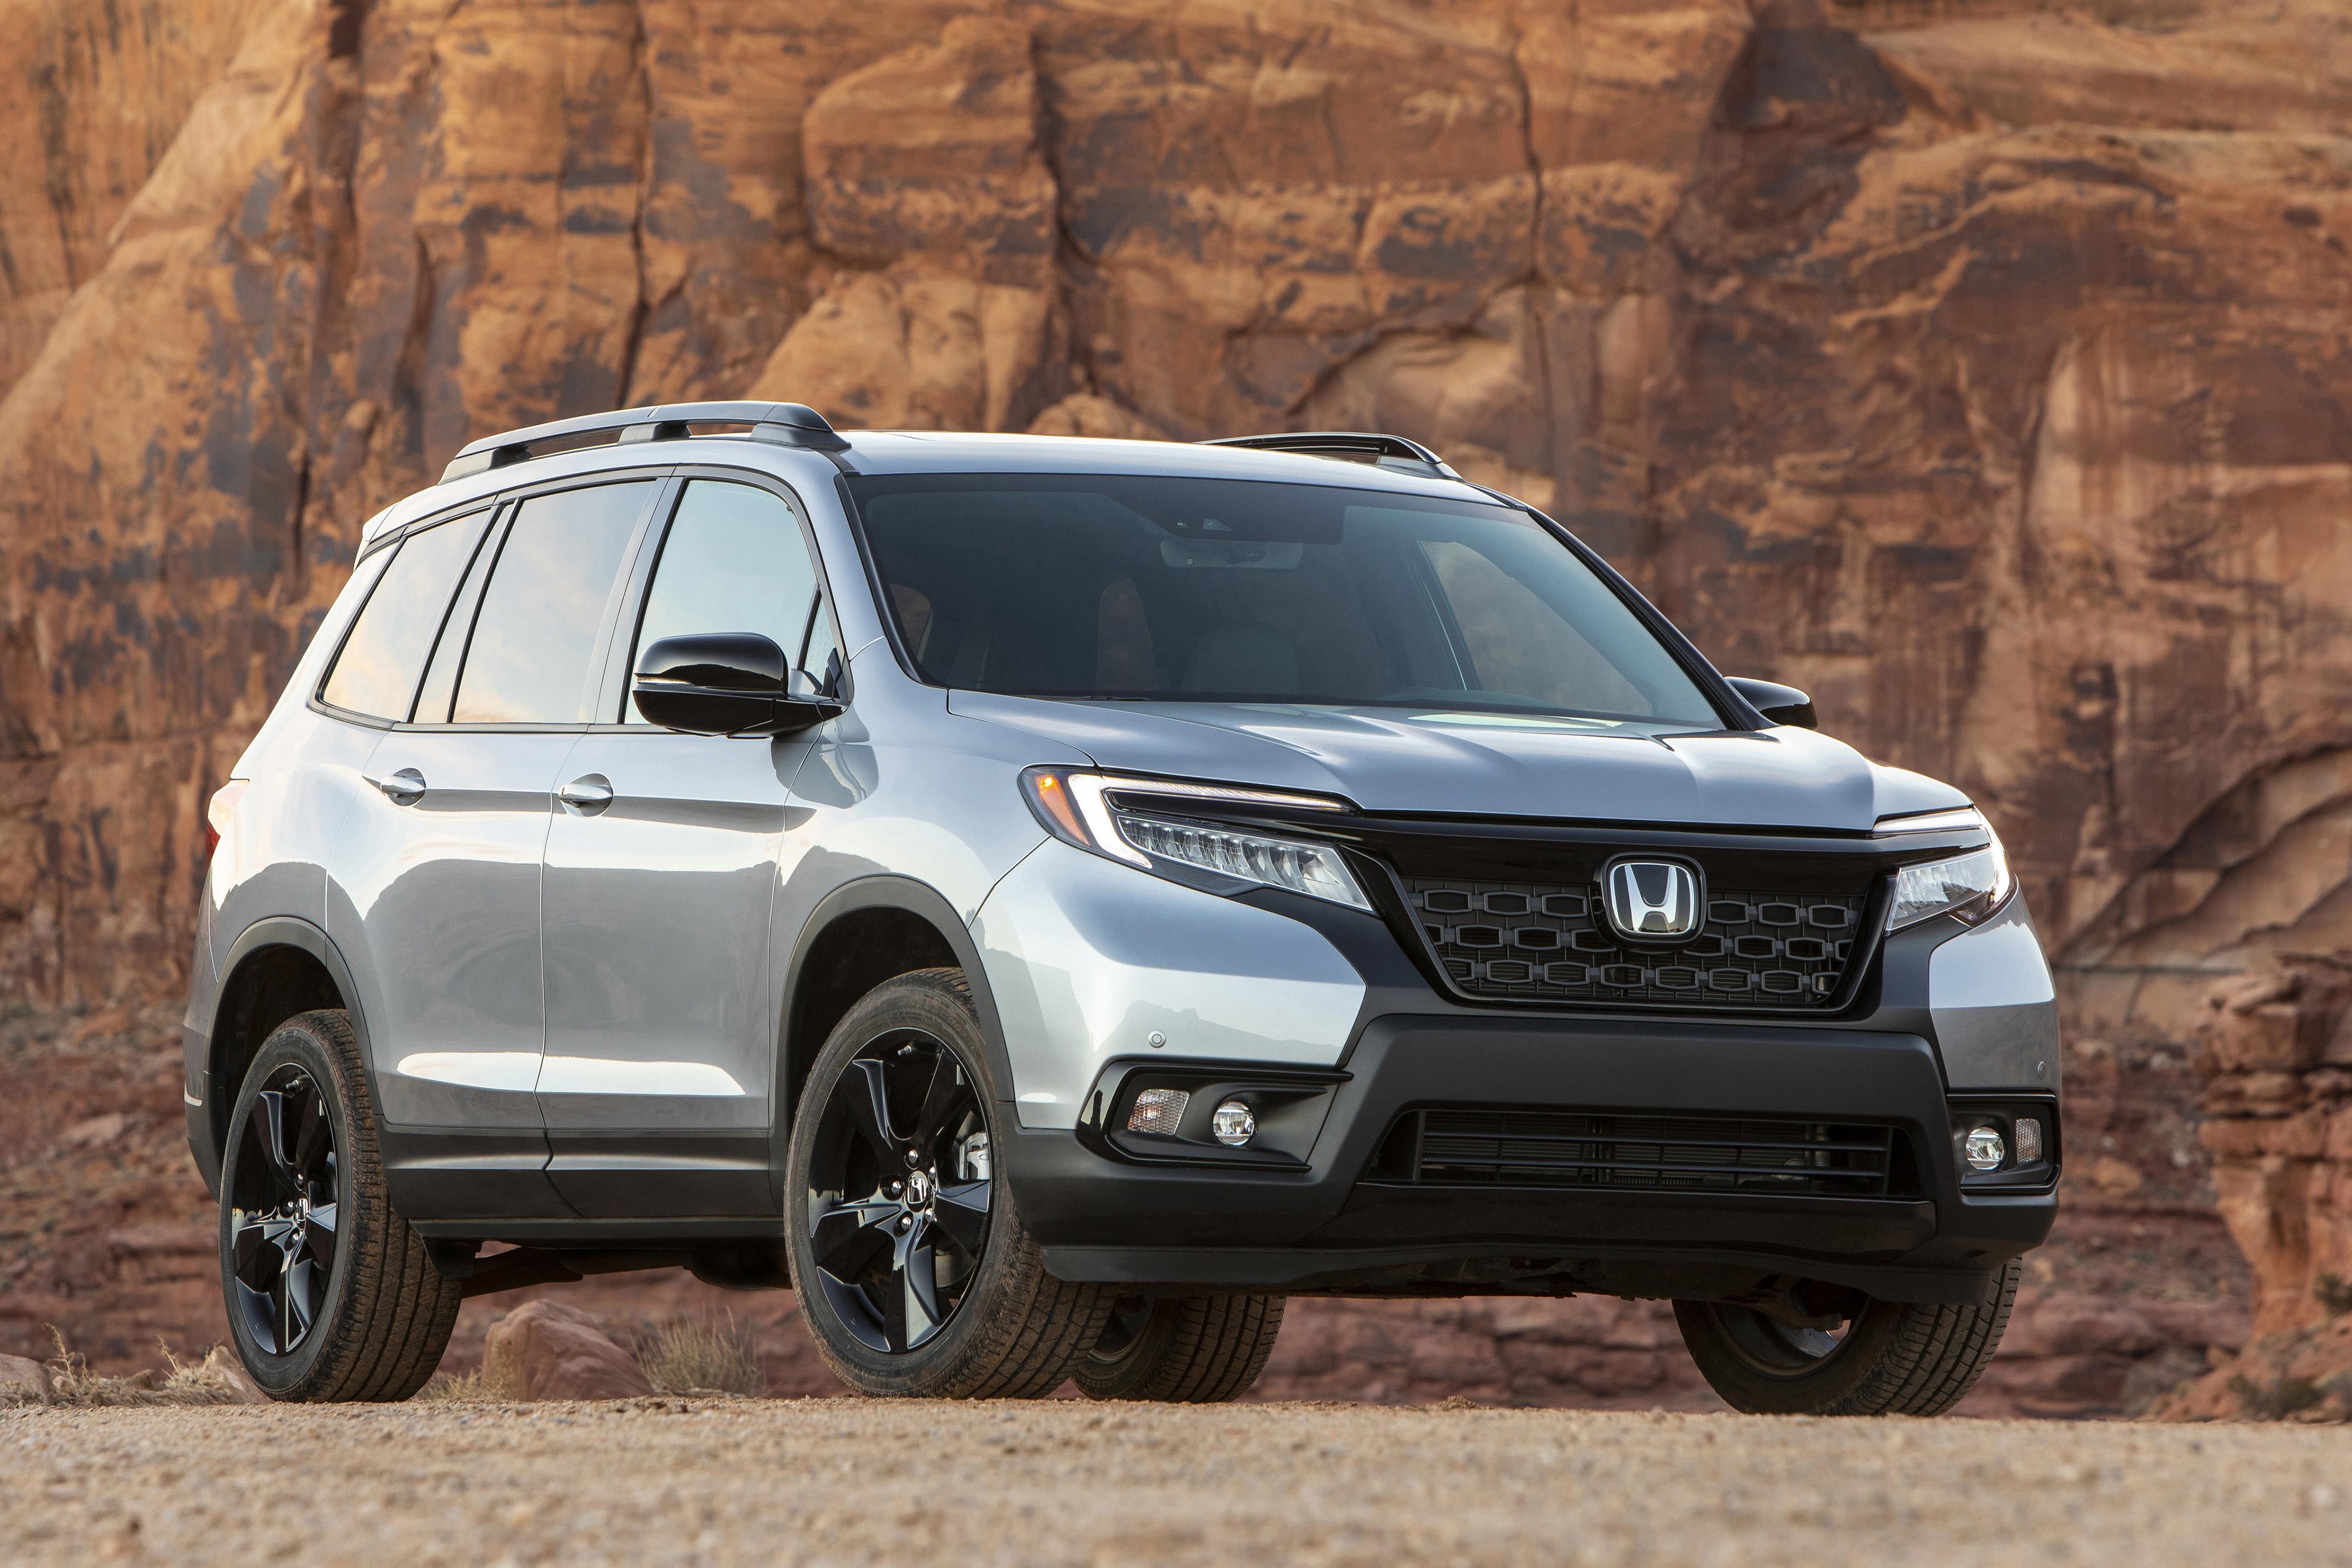 Honda Passport: Which Should You Buy, 2019 or 2020? via @carsdotcom